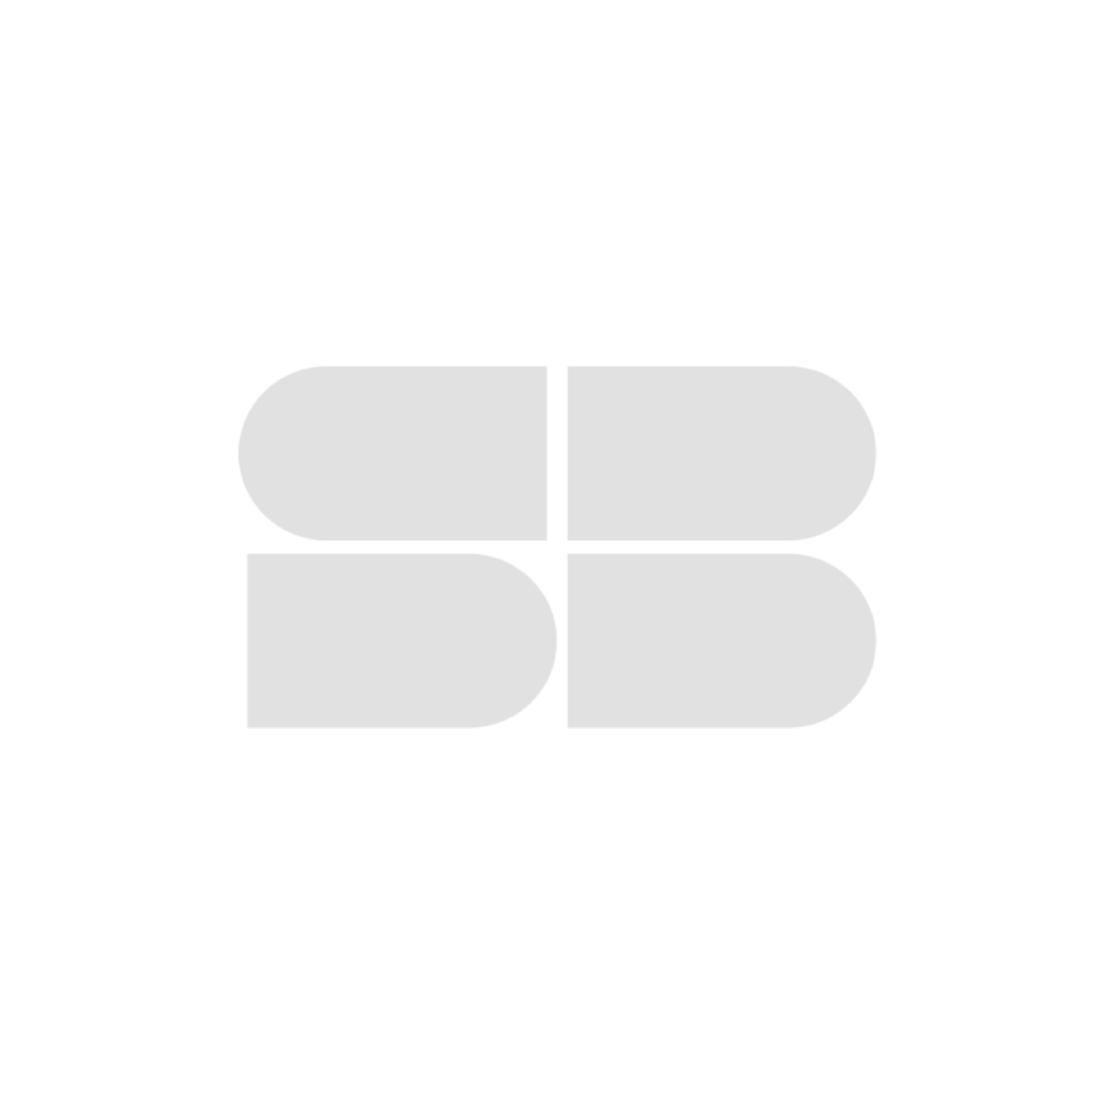 โต๊ะทานอาหาร โต๊ะอาหารไม้ล้วน รุ่น Moonie สีสีโอ๊ค-SB Design Square